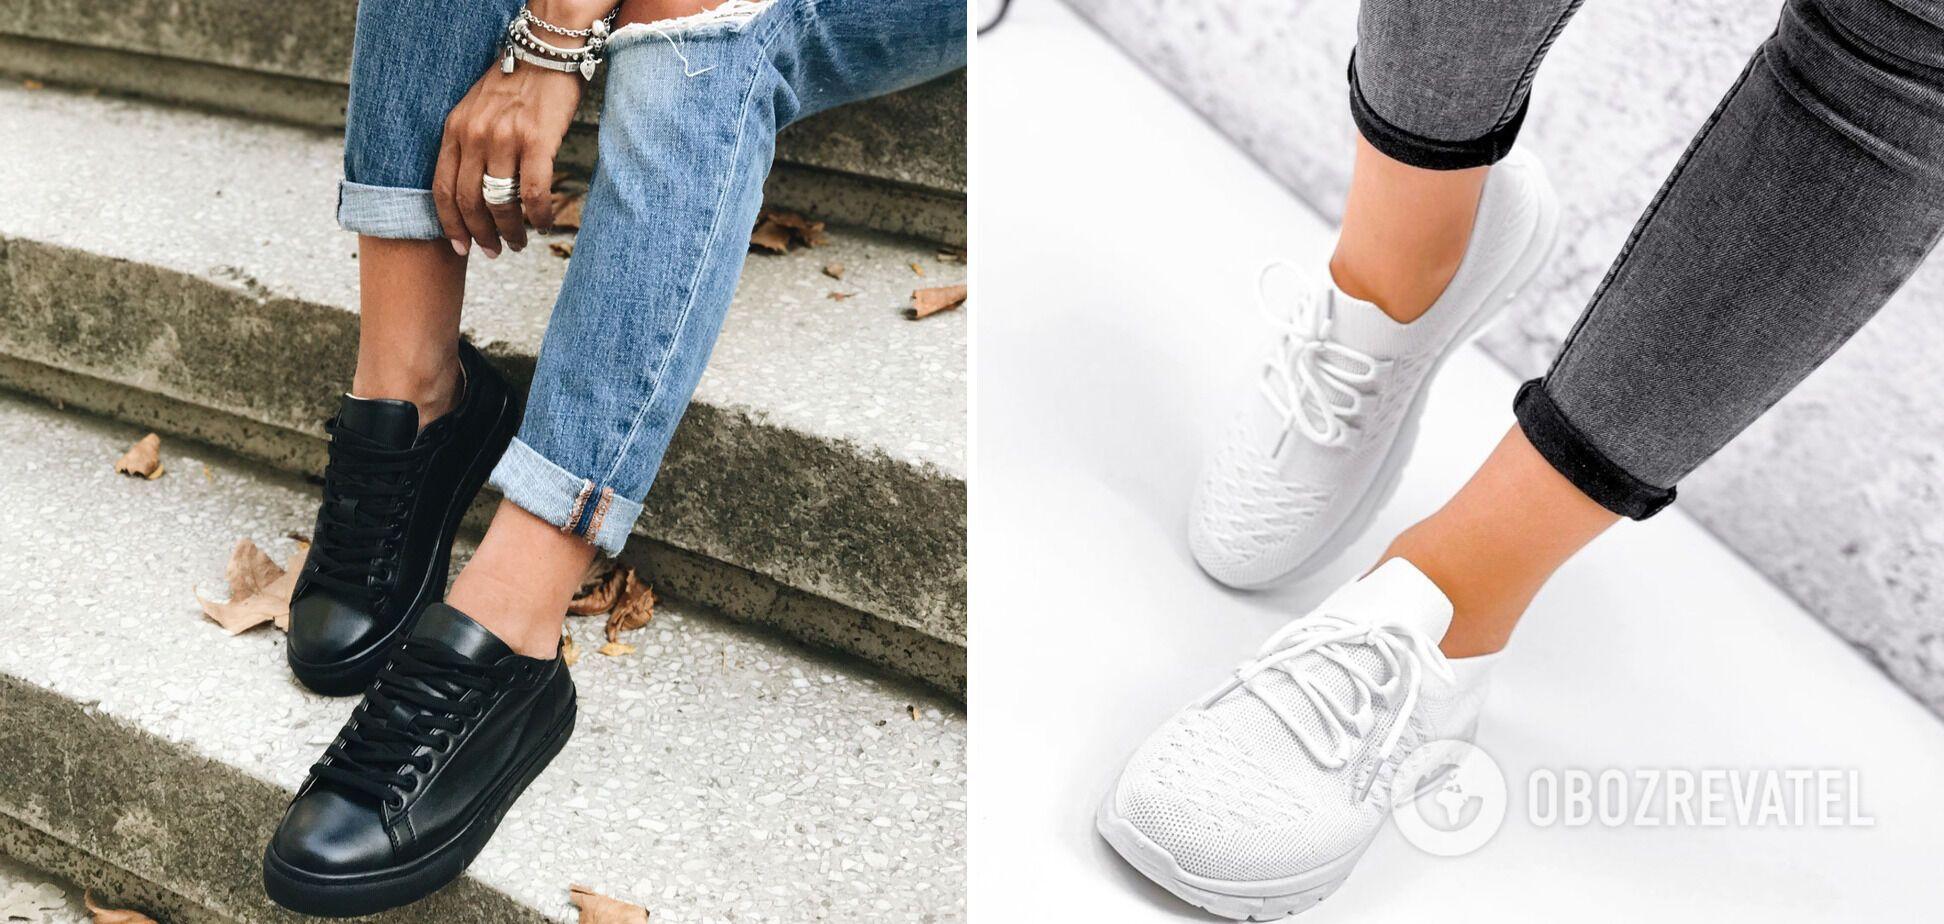 Класичні кросівки з тонкою підошвою